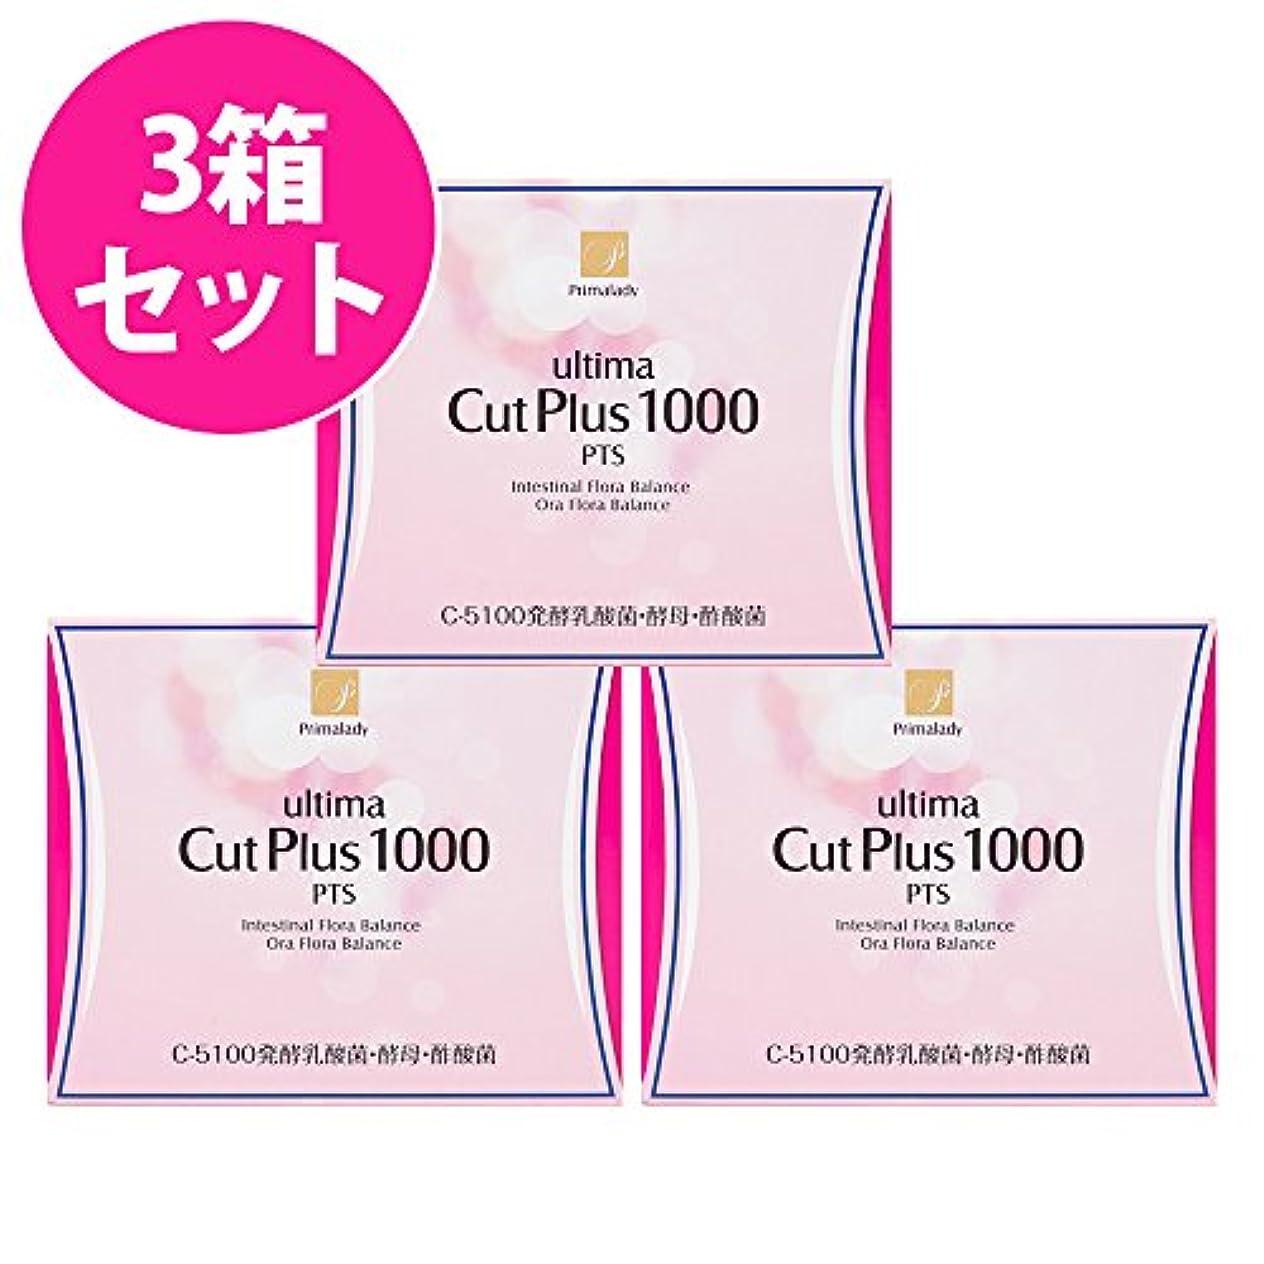 香港眩惑する締め切りダイエットサプリ ウルティマカットプラス1000 30包入×3箱セット